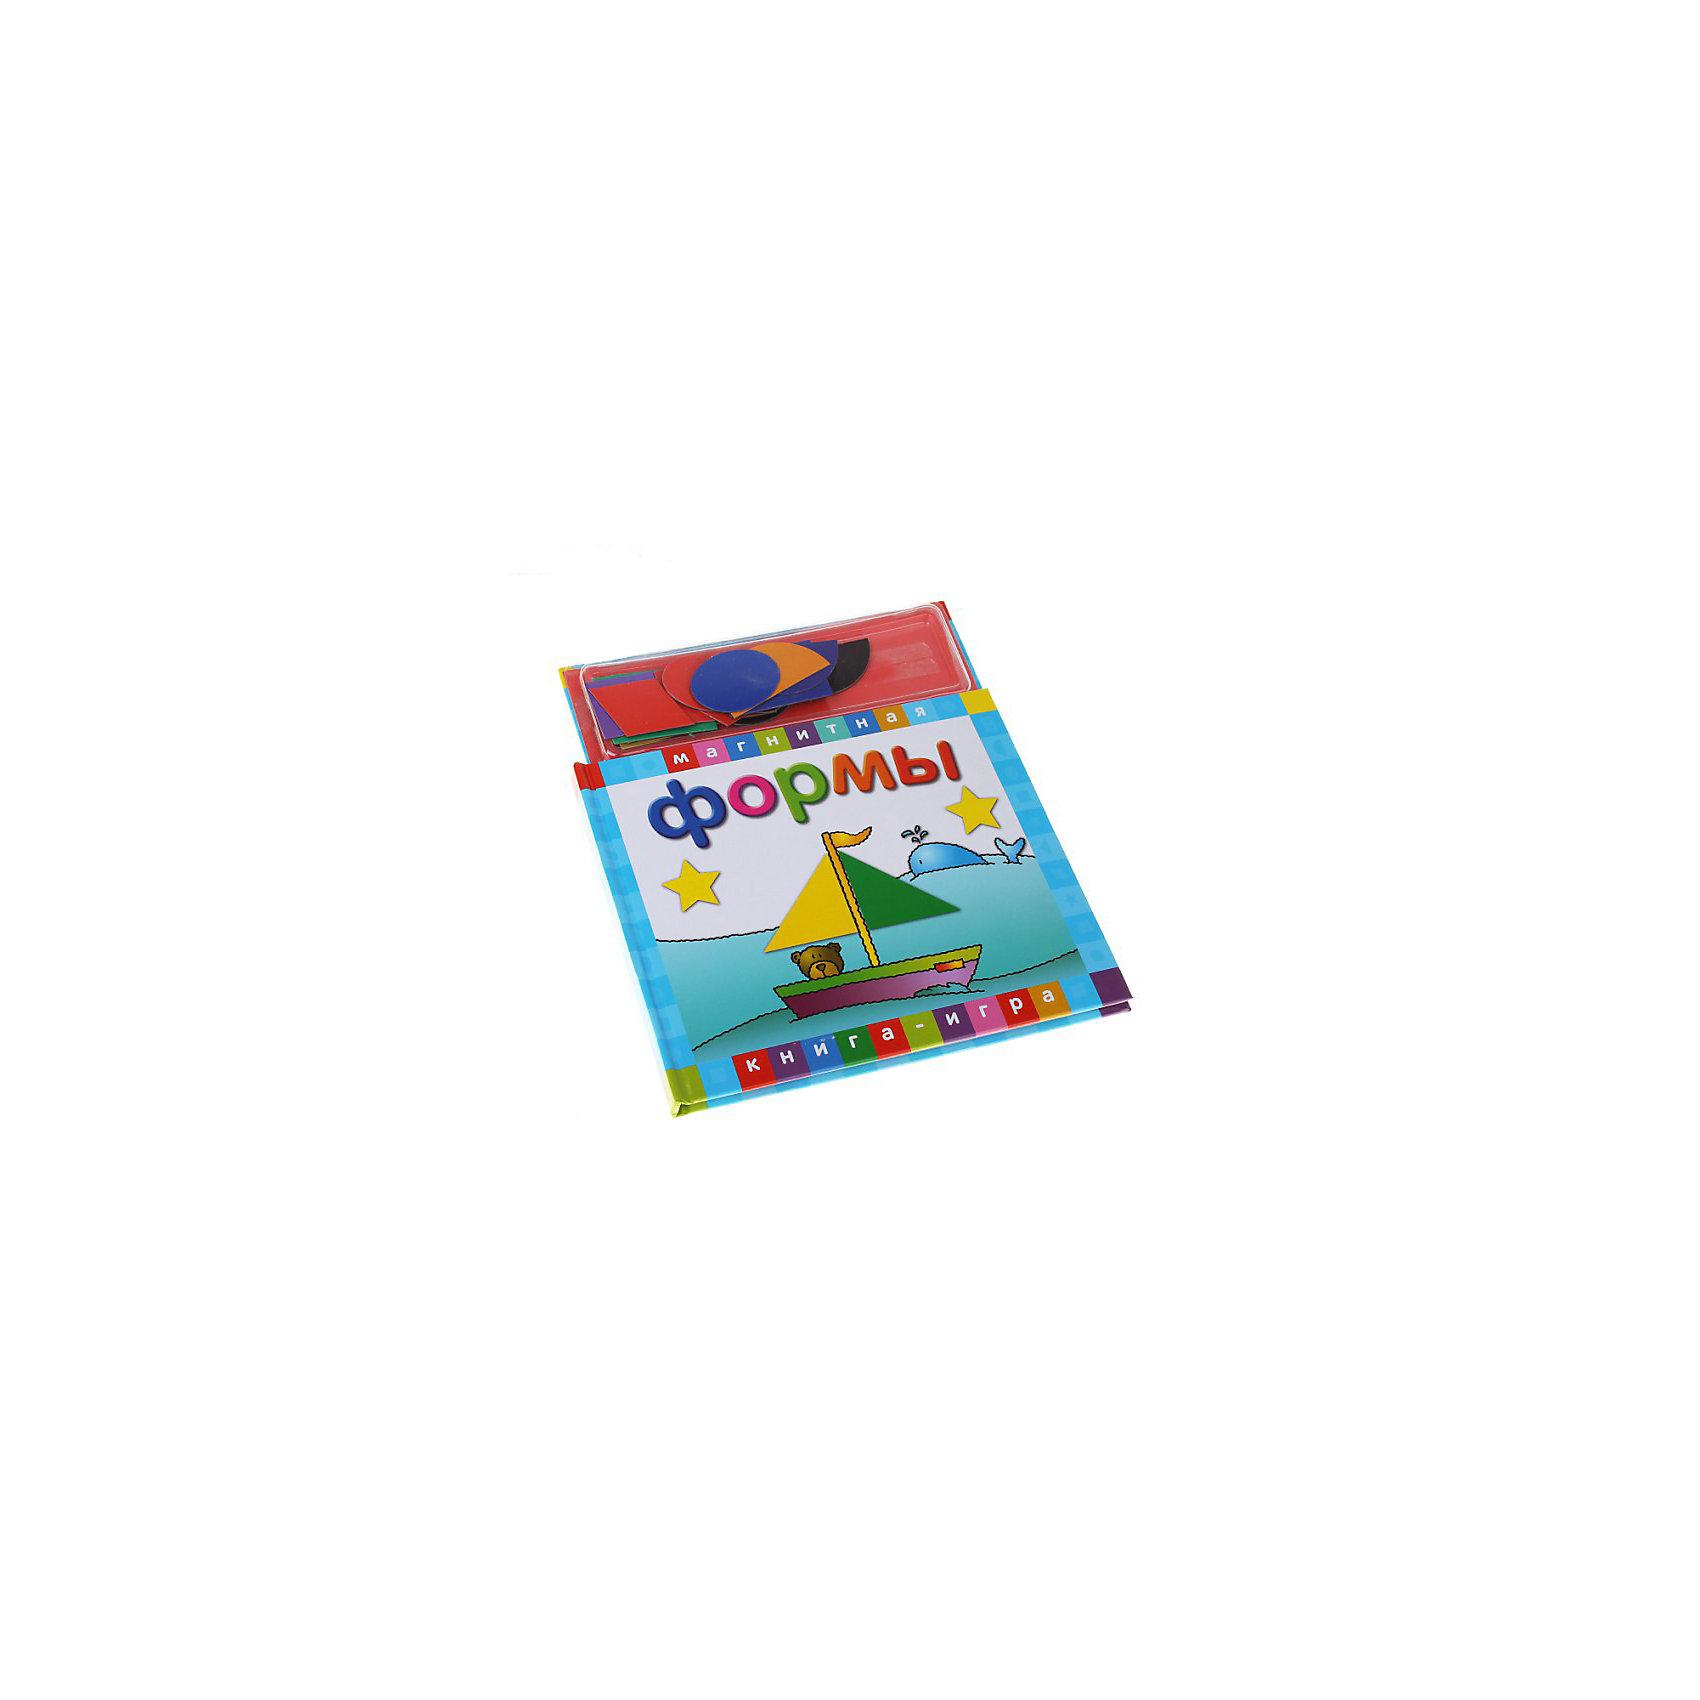 Магнитные книжки ФормыИзучаем цвета и формы<br>Магнитные книжки «Формы»<br>Этот набор также используют в качестве конструктора, поскольку из форм можно создавать различные картины.<br>Дополнительная информация:<br>В набор входит:<br>- Книга с магнитными страницами,<br>- магнитные картинки разных форм и цветов.<br>Размер упаковки (д/ш/в): 210 х 10 х 240 мм<br><br>Ширина мм: 210<br>Глубина мм: 10<br>Высота мм: 240<br>Вес г: 500<br>Возраст от месяцев: 36<br>Возраст до месяцев: 72<br>Пол: Унисекс<br>Возраст: Детский<br>SKU: 2358187